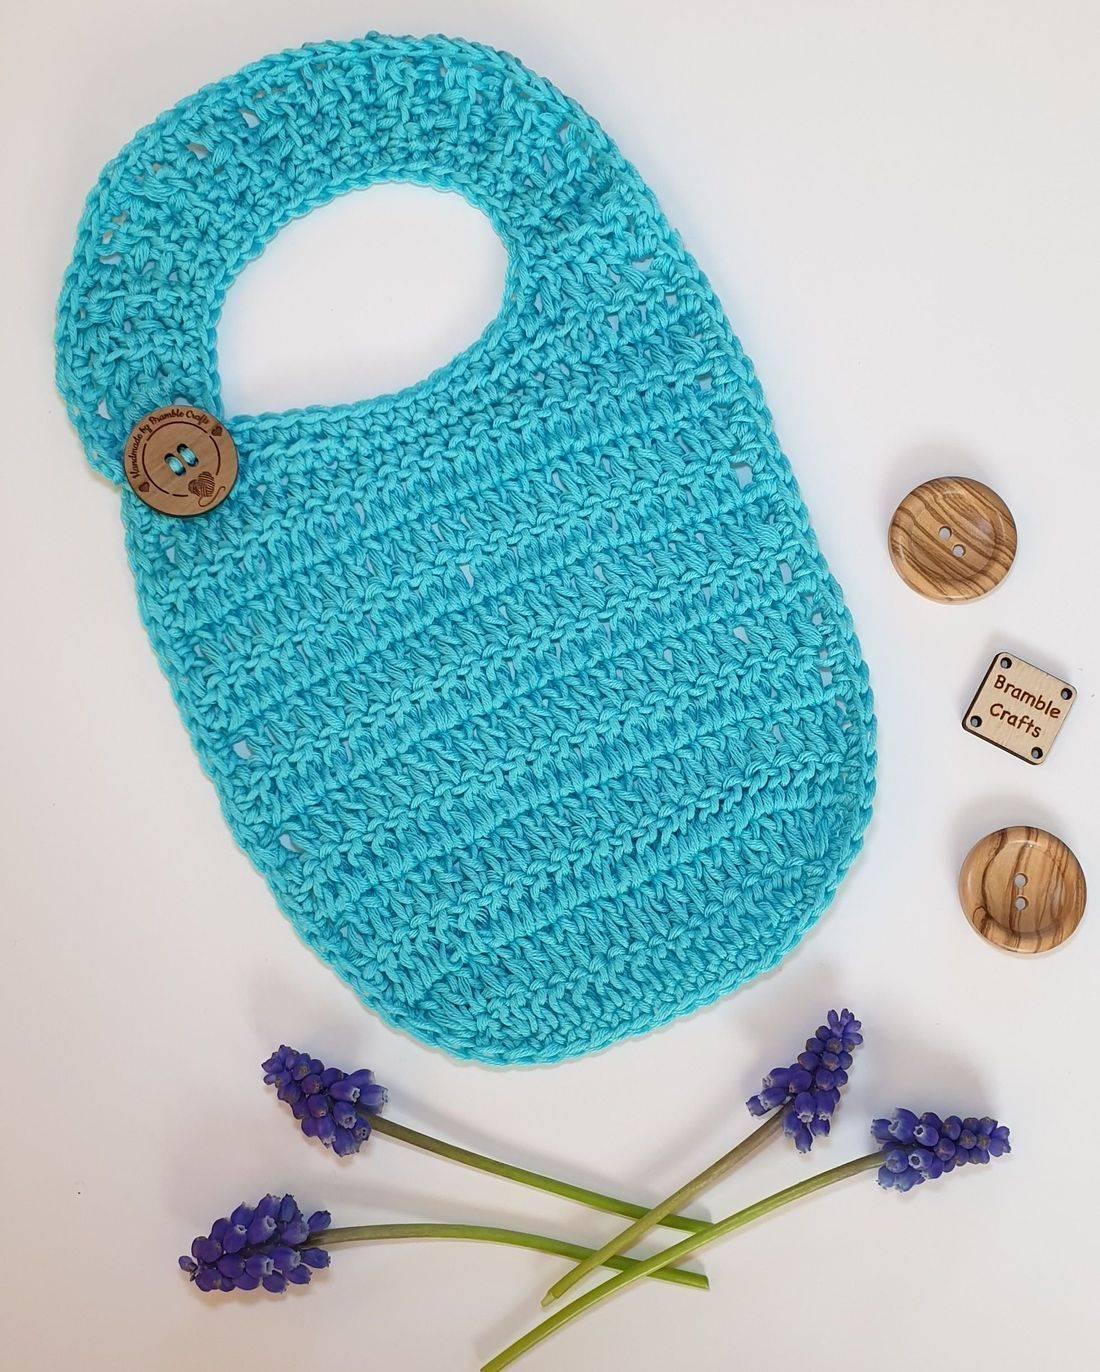 crochet bib, vegan gift, vegan crochet, newborn gift, handmade gift, Bramble Crafts